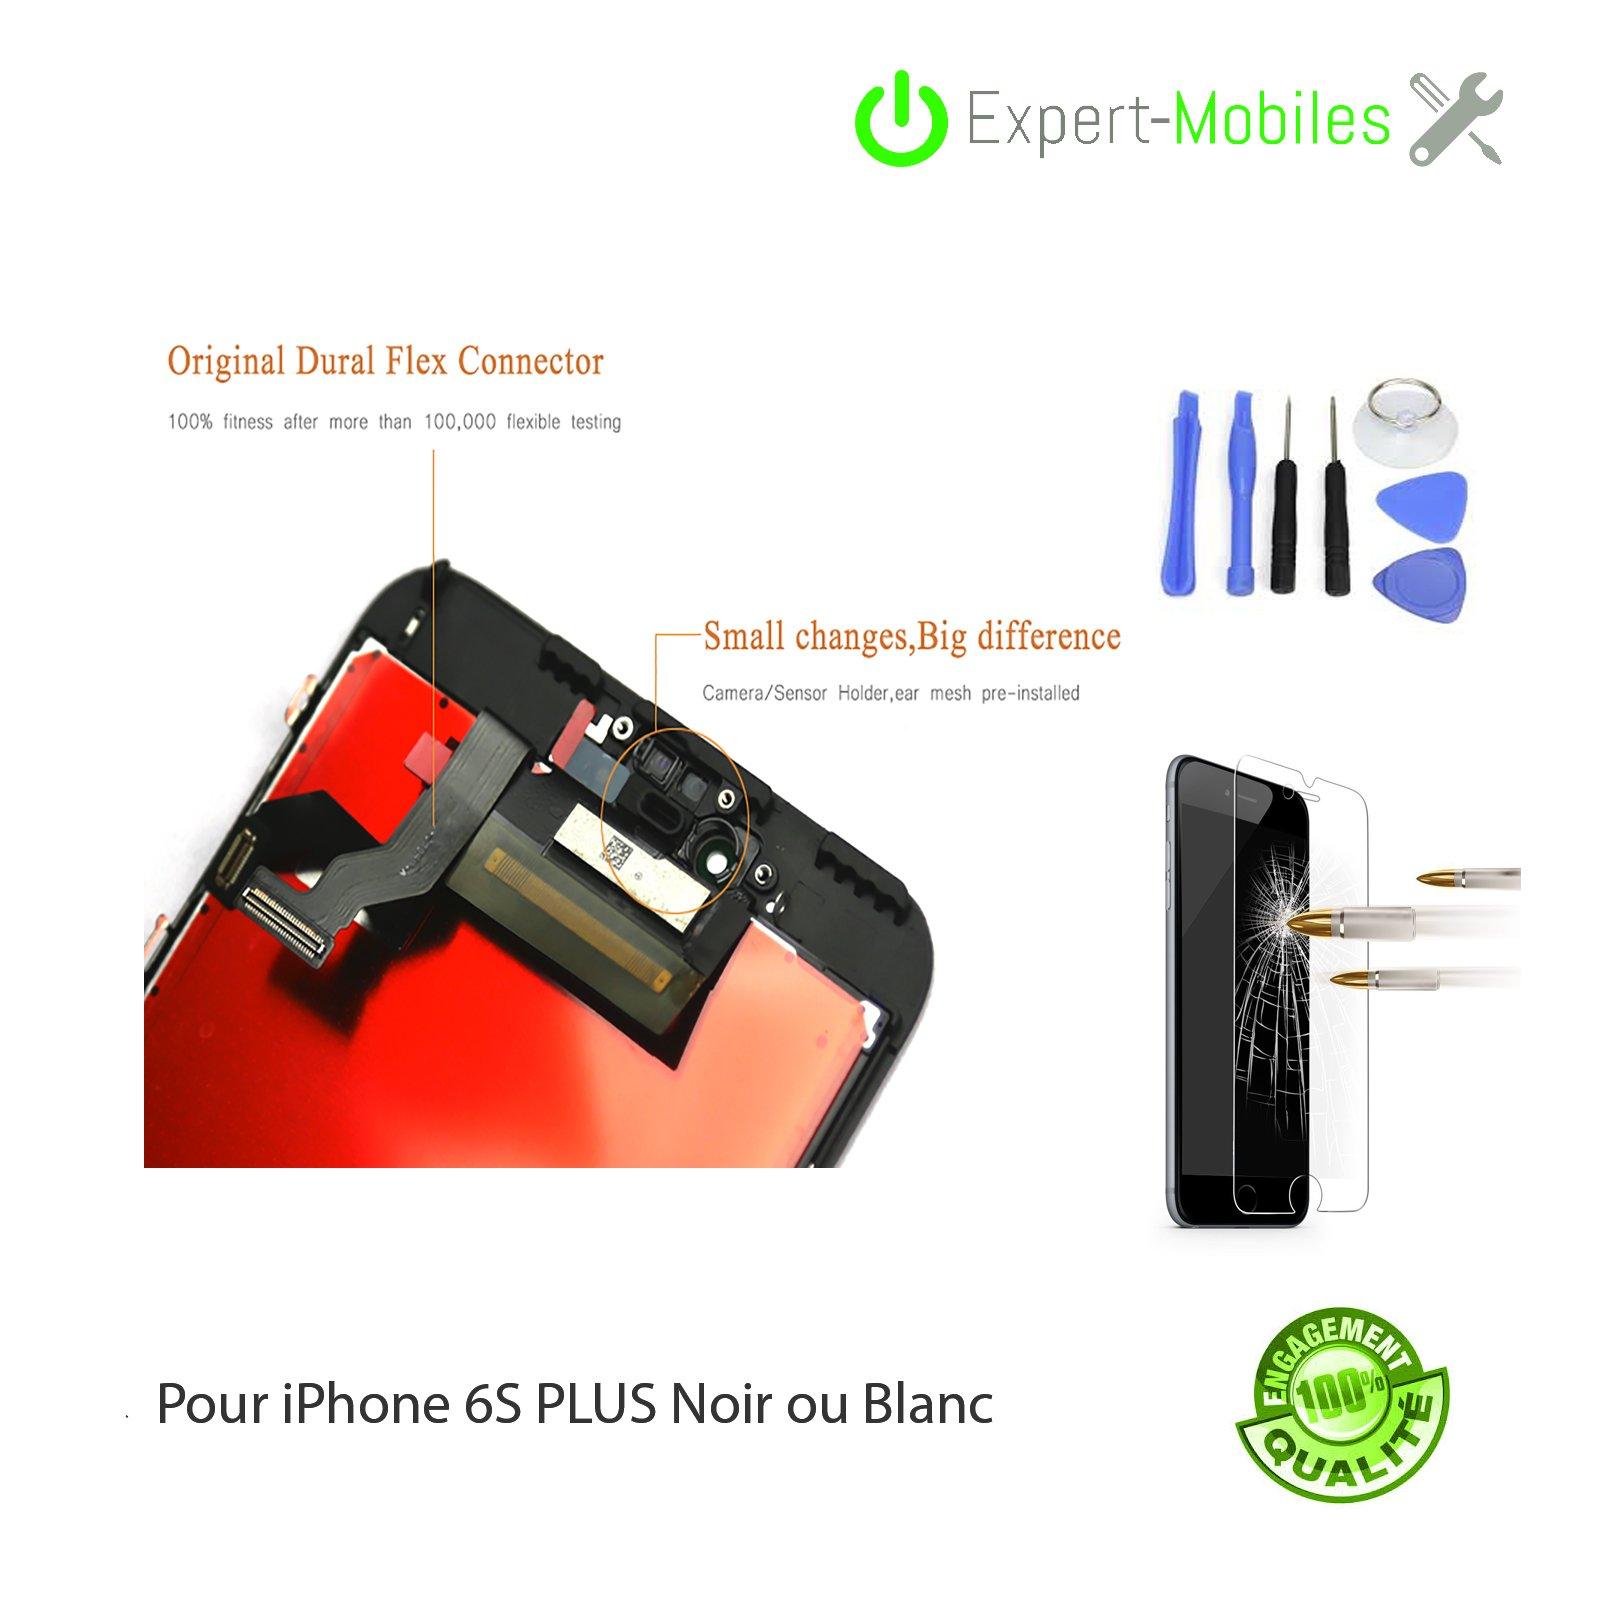 Ecran iphone 6s plus noir ou blanc em 2 expert mobiles - Reparation telephone lorient ...